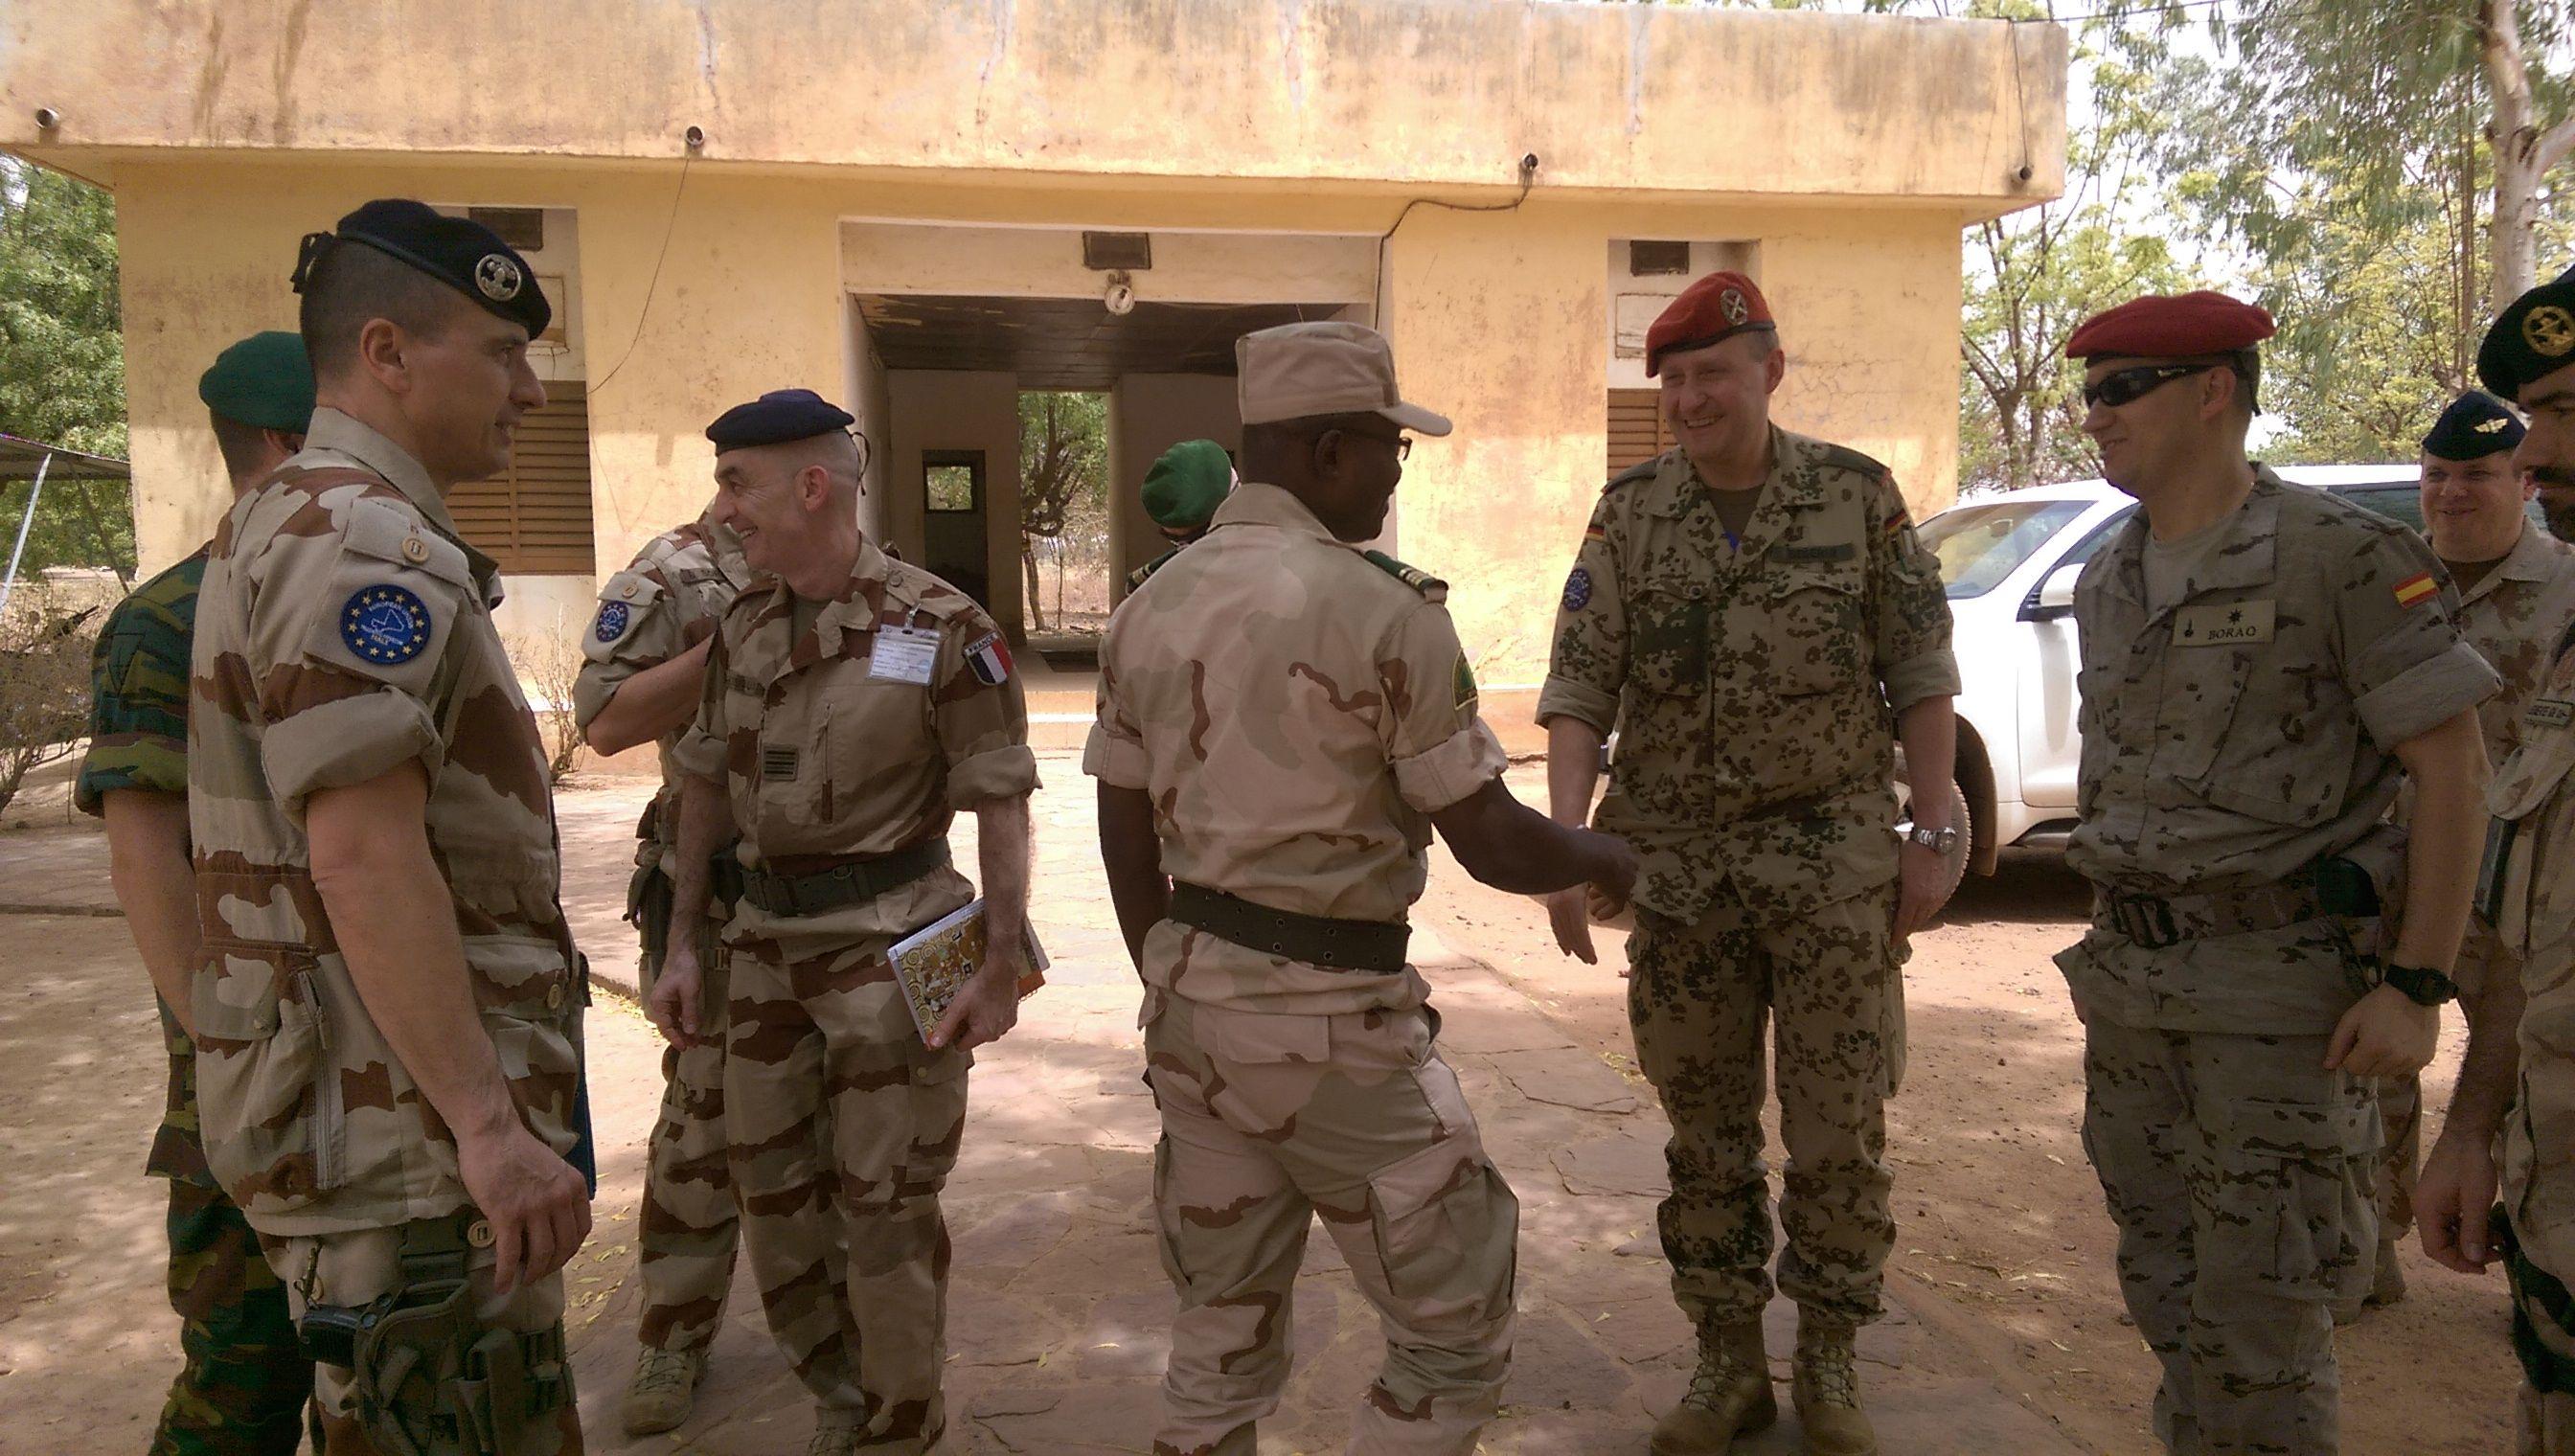 Visite de l'équipe Conseil au 26ème Bataillon des travaux du génie Reseña del Batallón d Asuntos Civiles del ejercito Project BAS I pasa llamarse BCIMIC http://wp.me/p3z9Pl-UA vía @segurpricat #BCIMIC #Mali